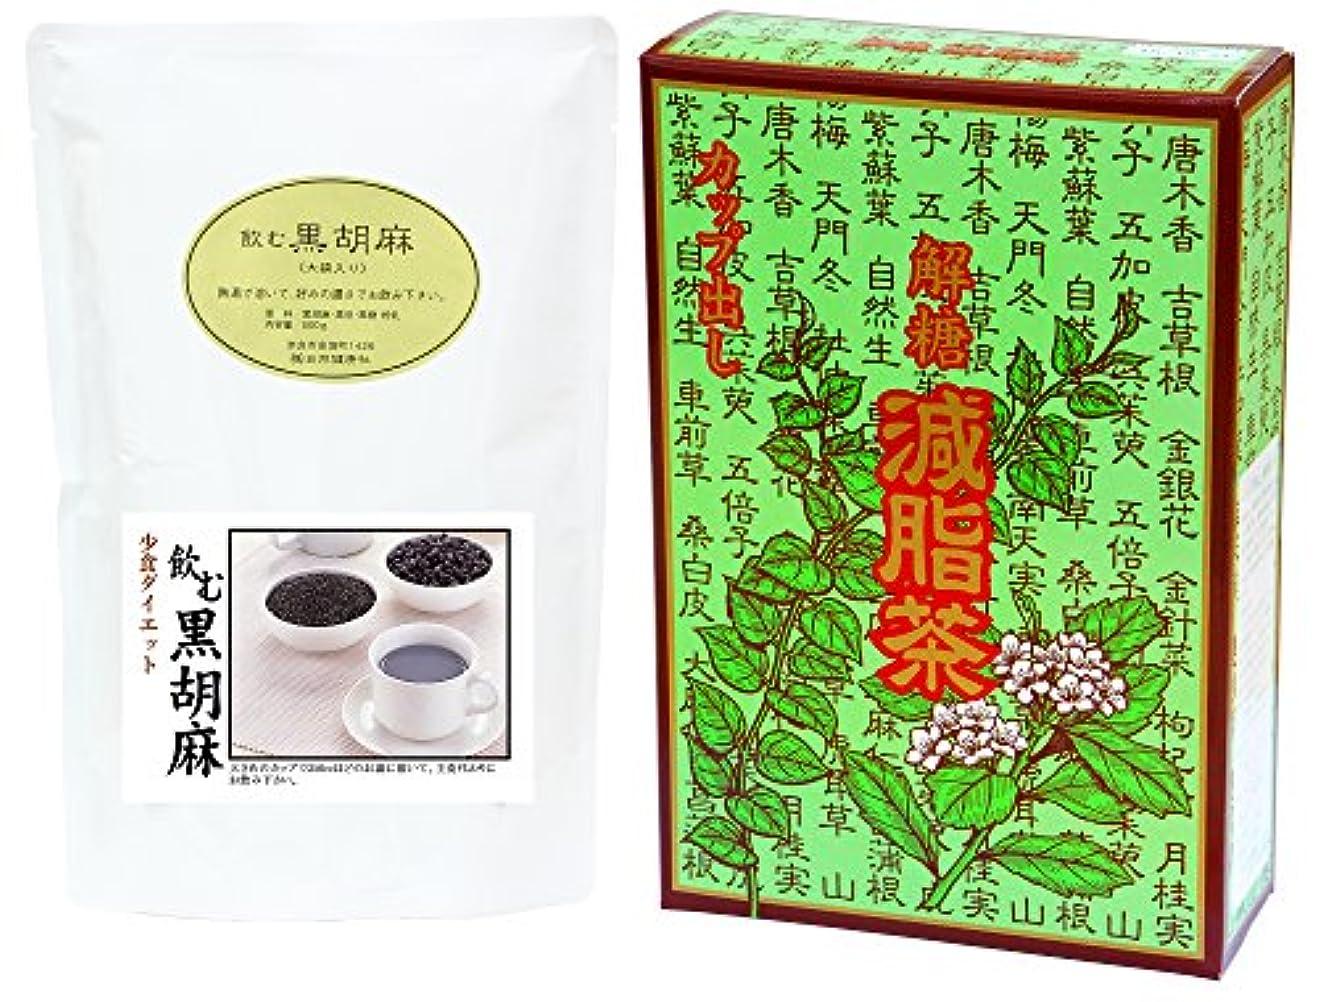 近似宣教師コーン自然健康社 飲む黒胡麻?徳用 40食 + 減脂茶?箱 64パック